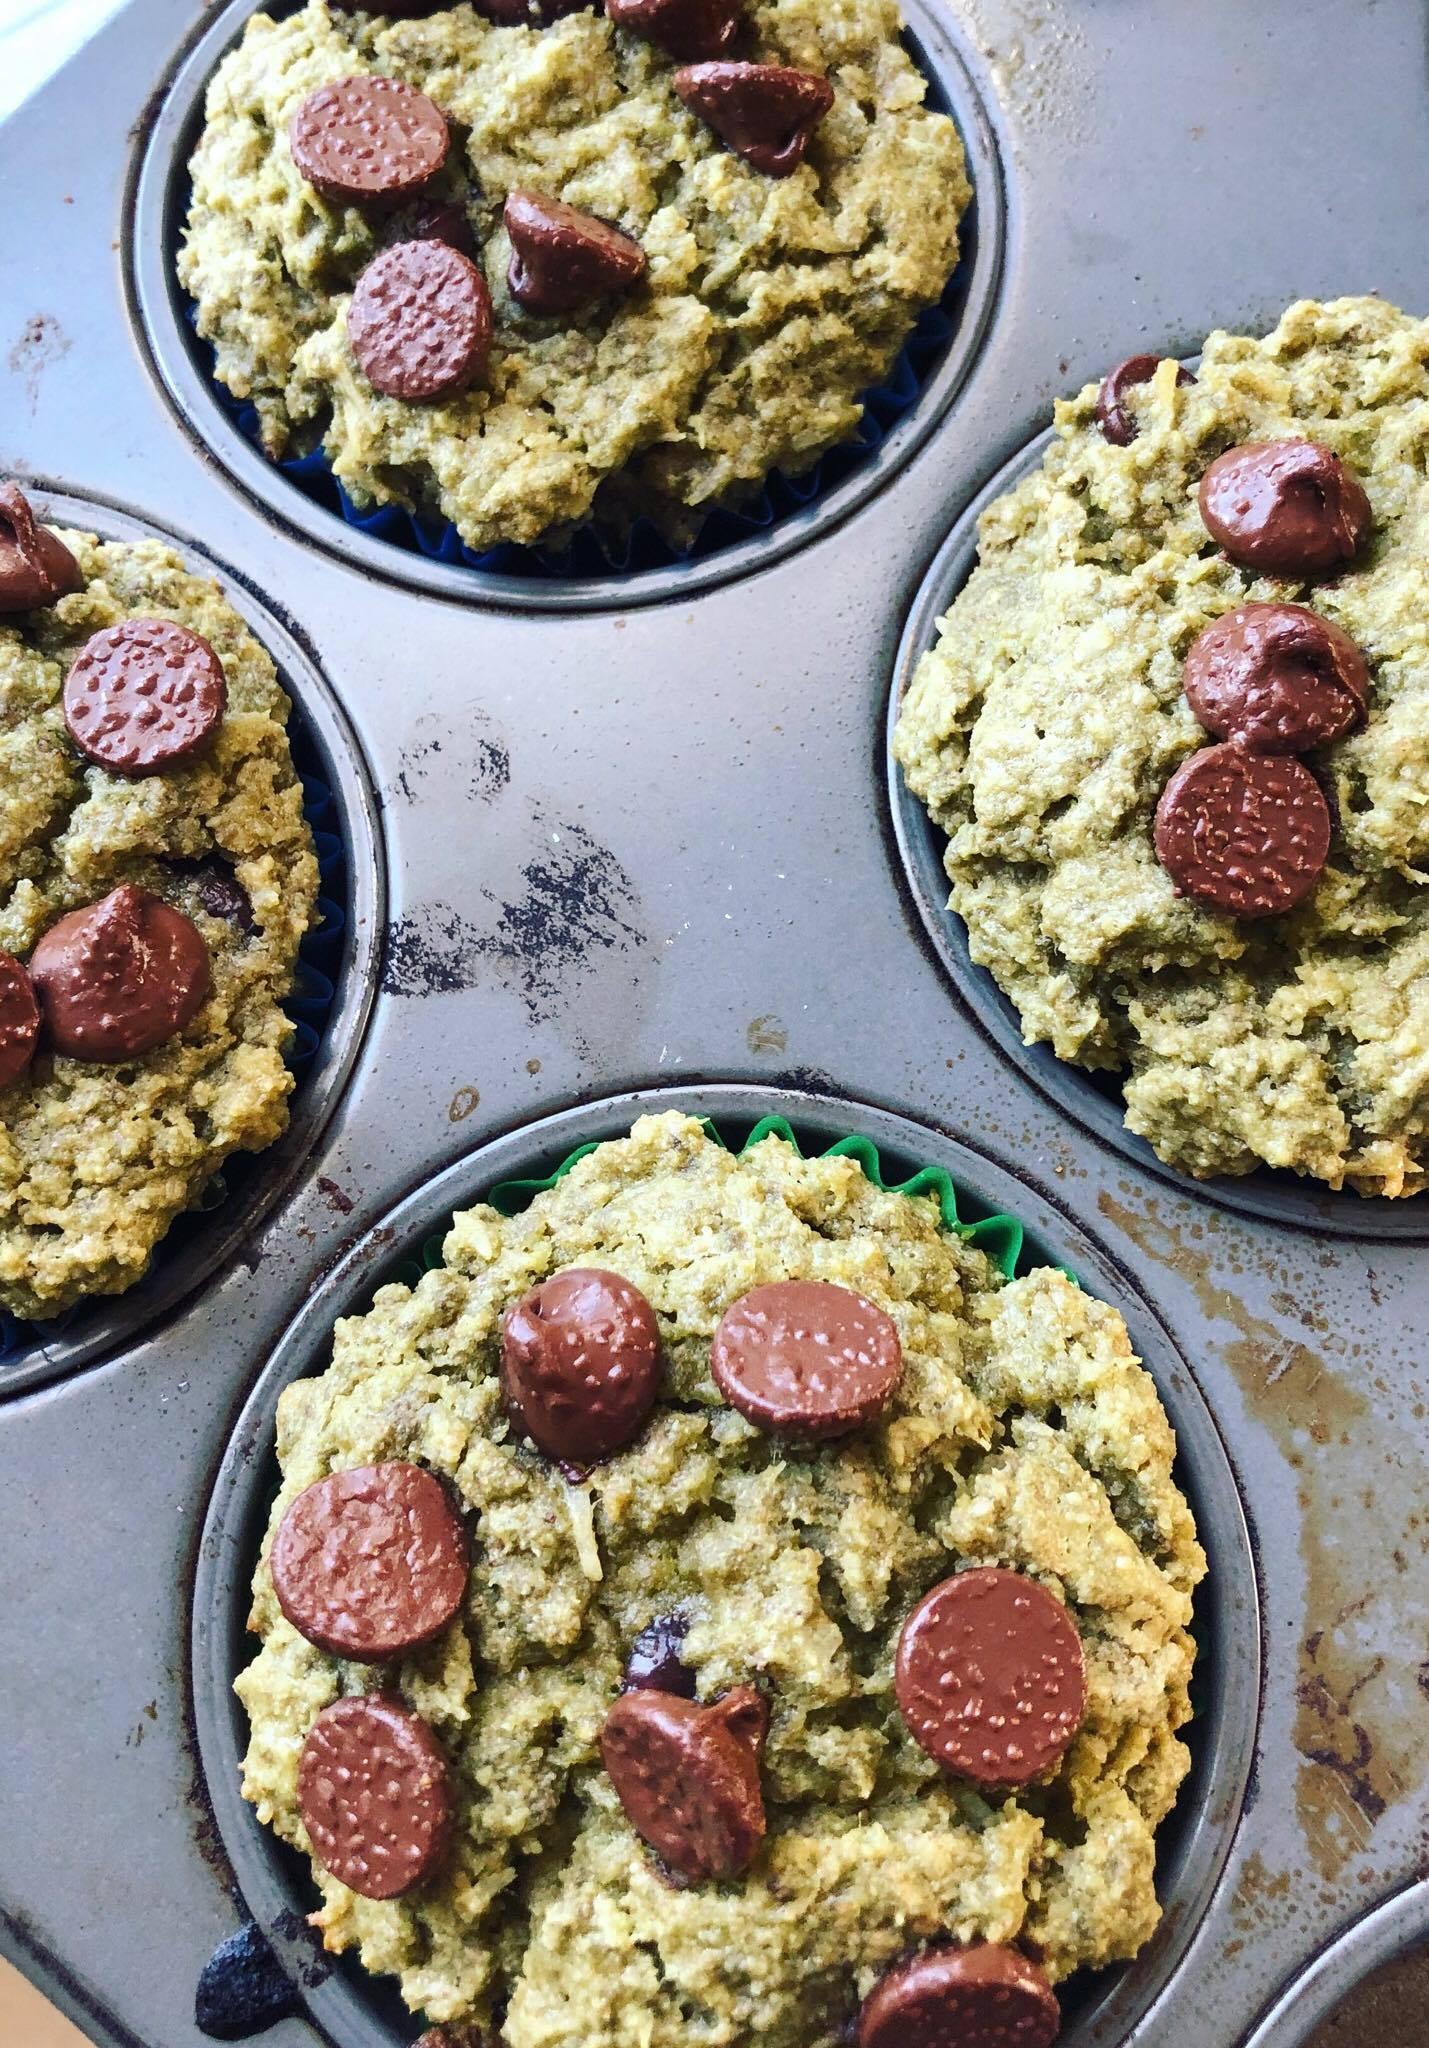 Matcha Chocolate Muffins